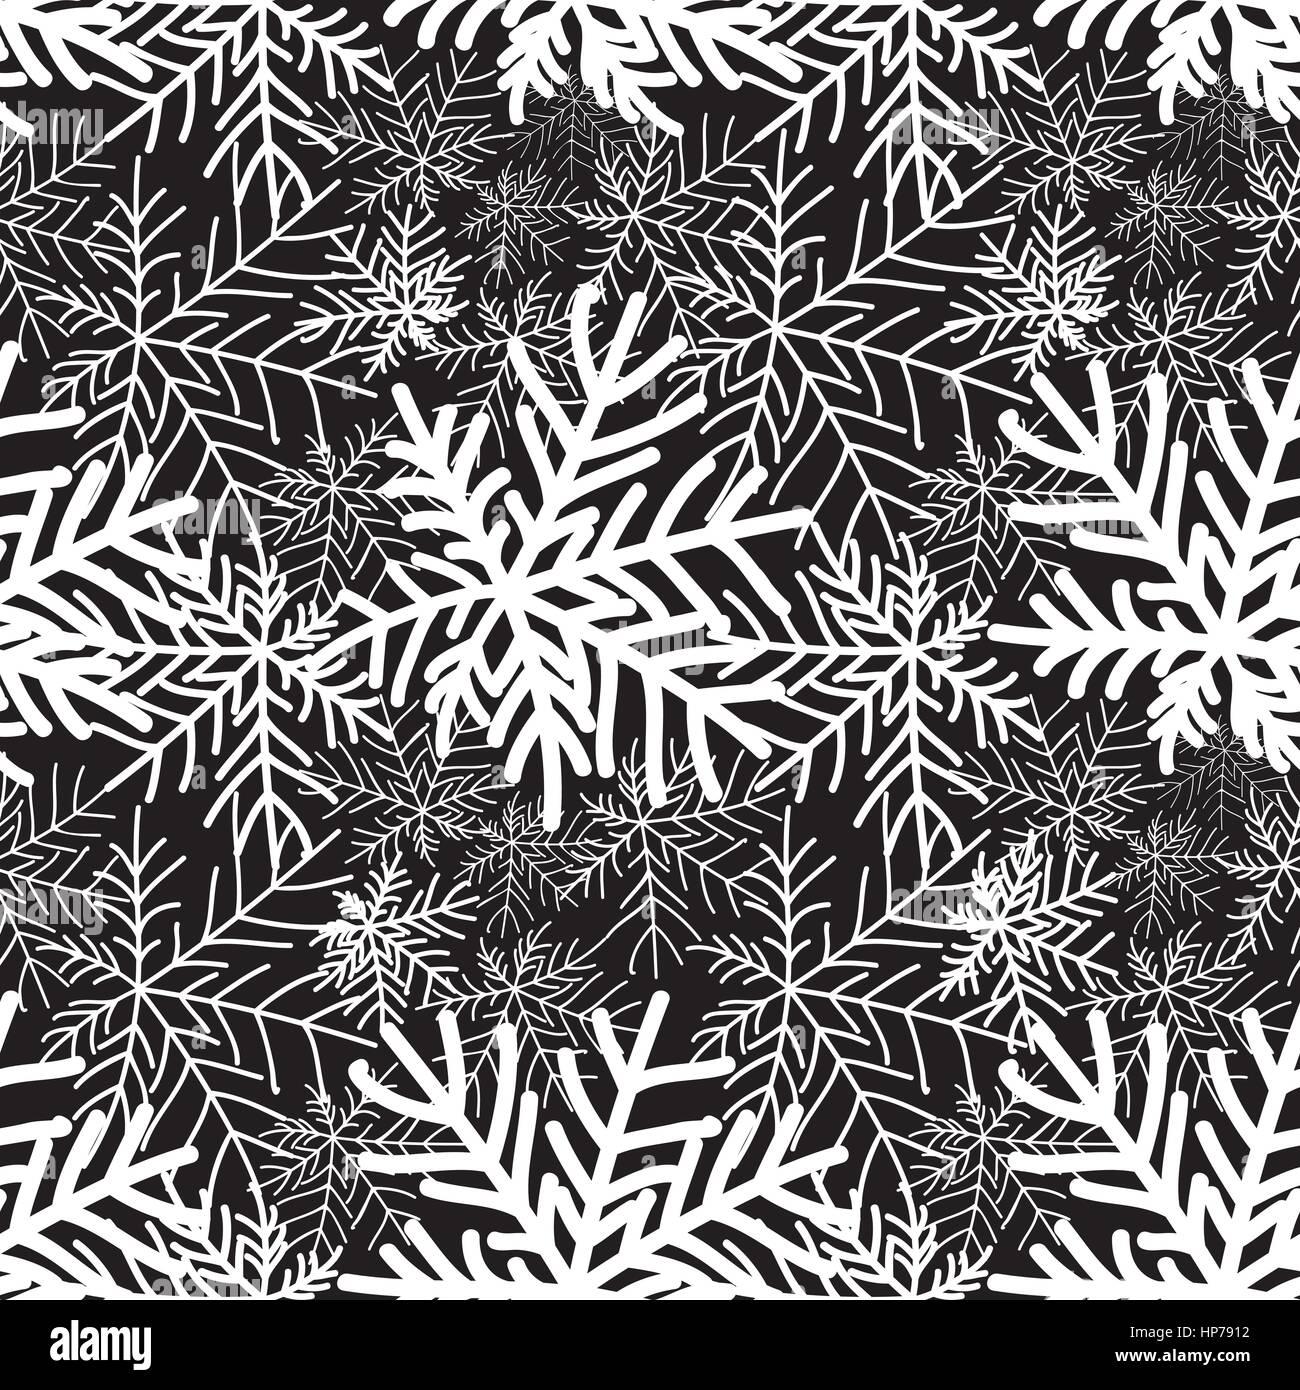 Abstrakte Winter Schwarz Und Weiß Mit Blumenmuster Nahtlose Muster